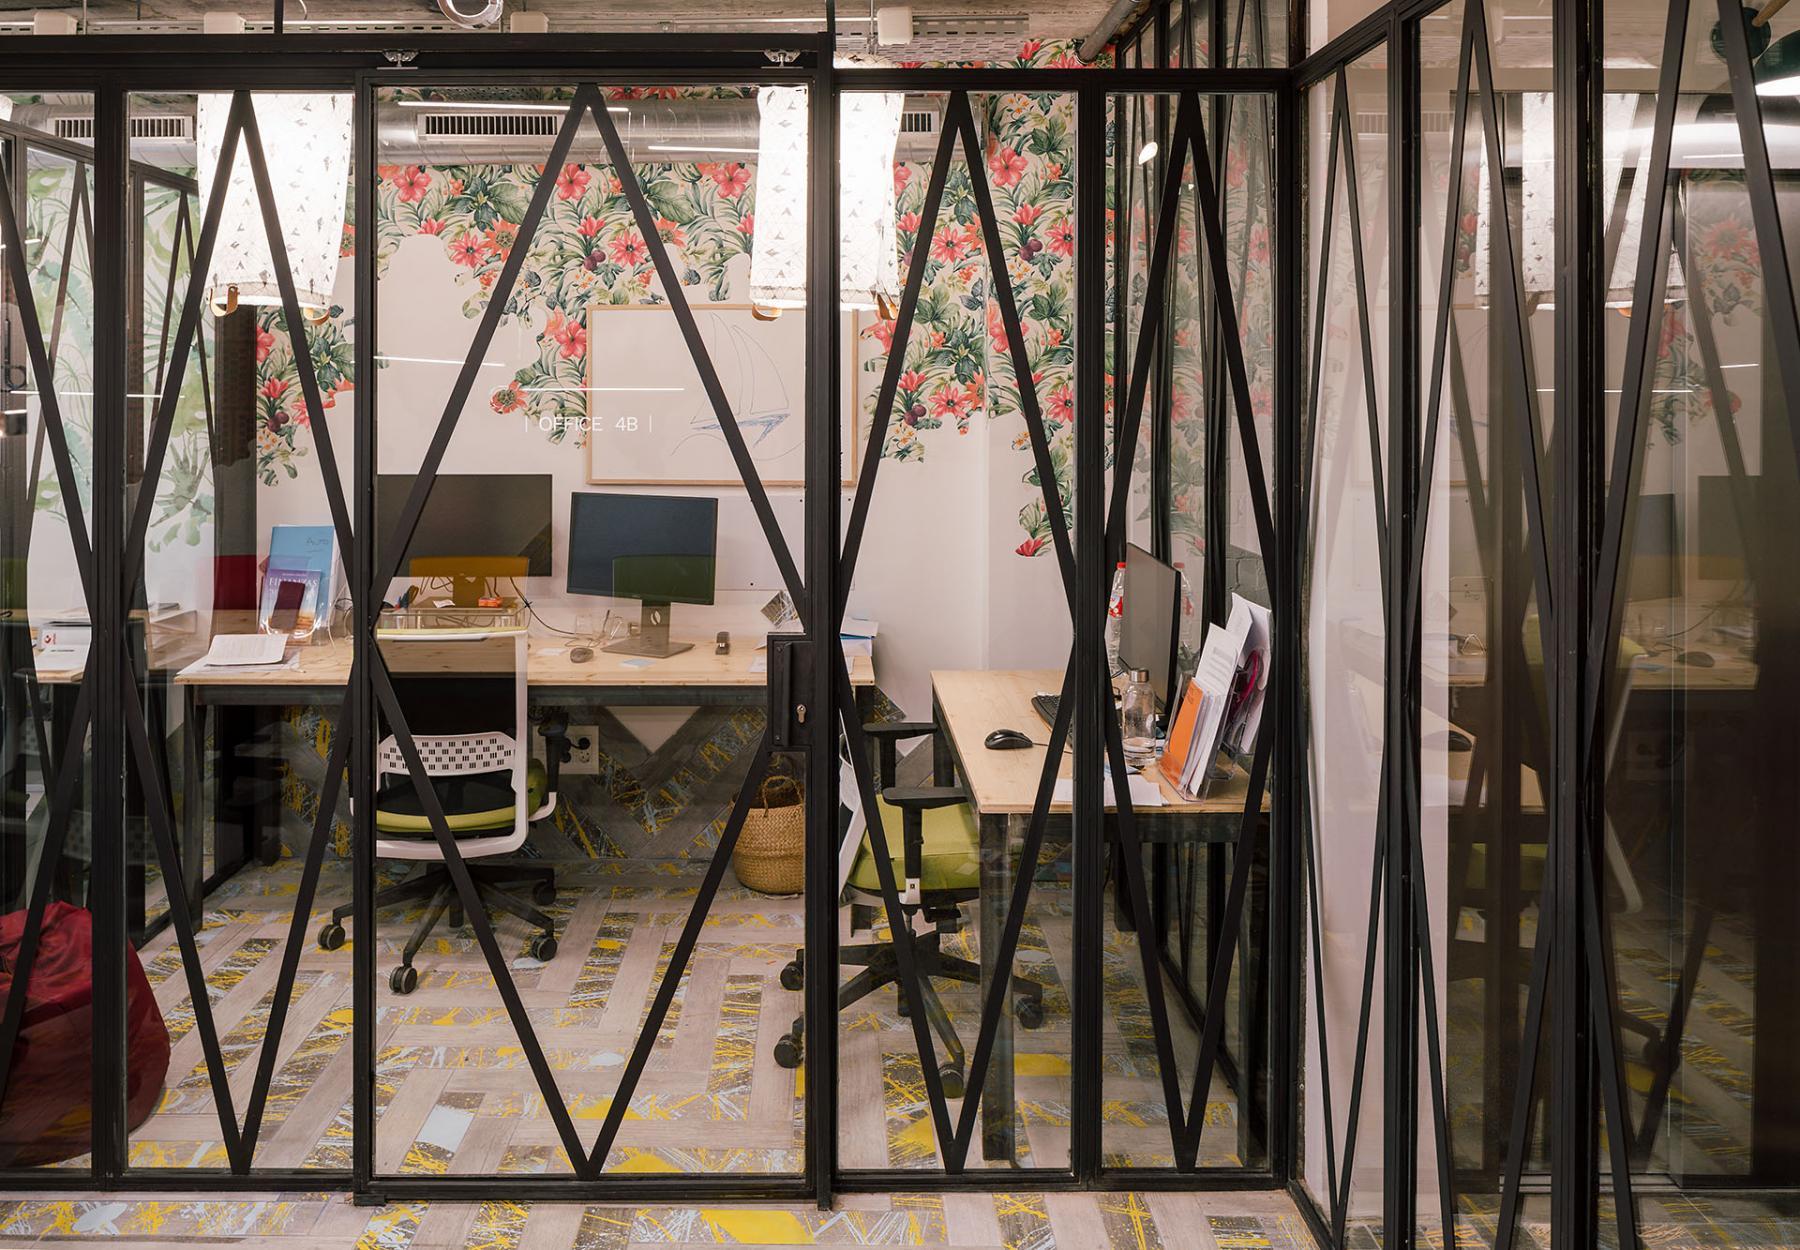 Alquilar oficinas Calle Bretón de los Herreros 9, Barcelona (9)